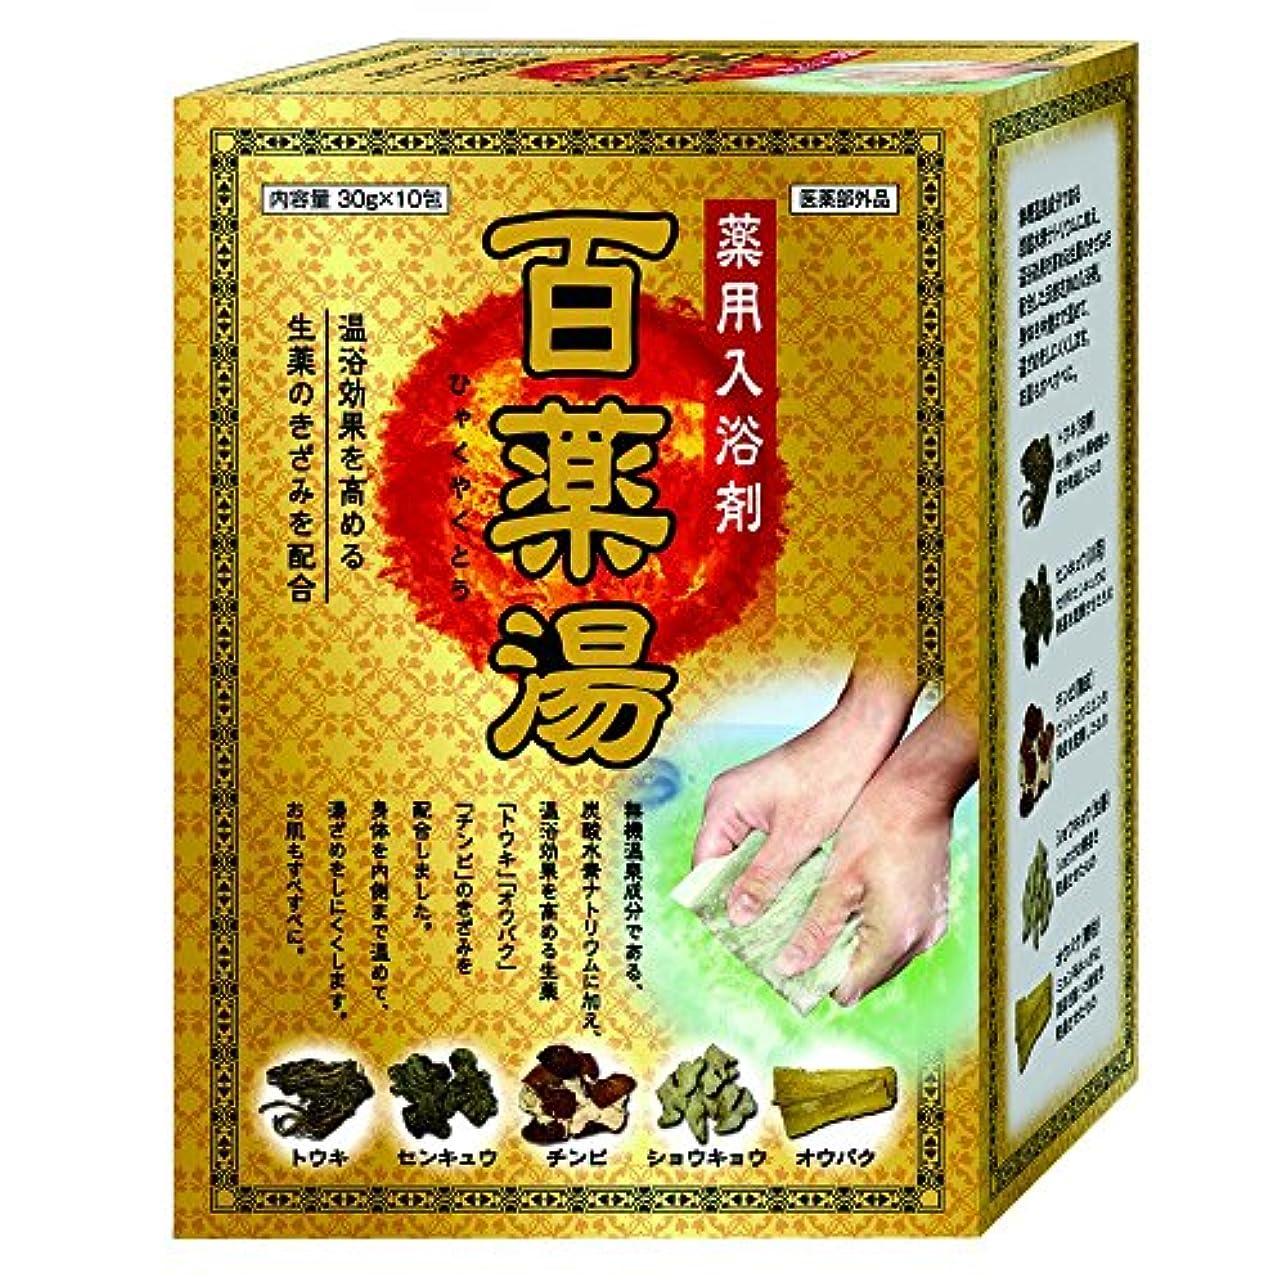 ライム必要性キャラバン百薬湯 薬用入浴剤 温浴効果を高める生薬のきざみを配合 30g×10包 (医薬部外品)